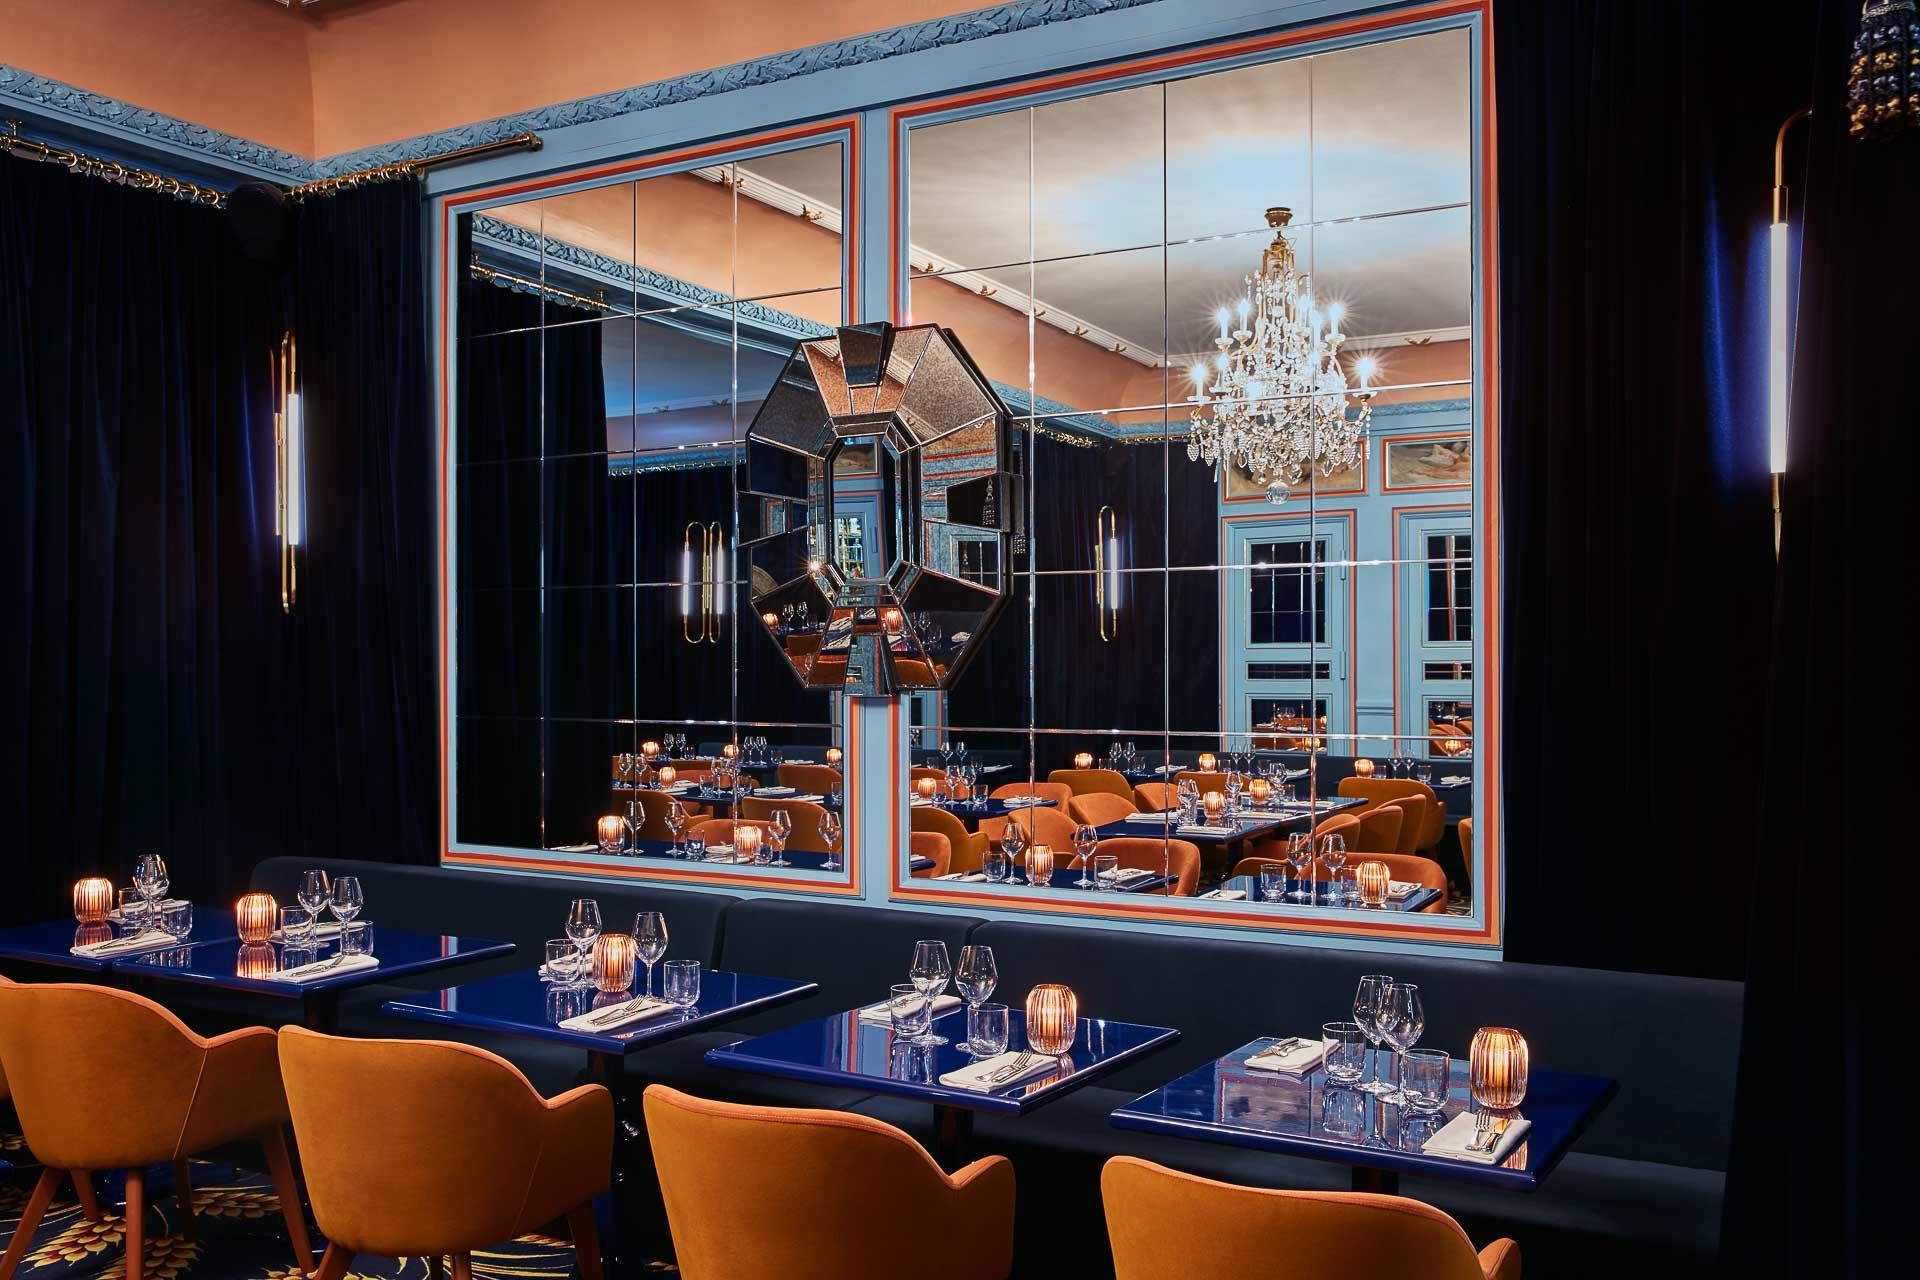 Casting 5-étoiles pour le tout nouveau restaurant du Théâtre Edouard VII dans le 9ème arrondissement. Réunis par Moma Group, le chef Juan Arbelaez et le créateur Alexis Mabille signent Froufrou, la nouvelle table parisienne la plus glamour du moment.